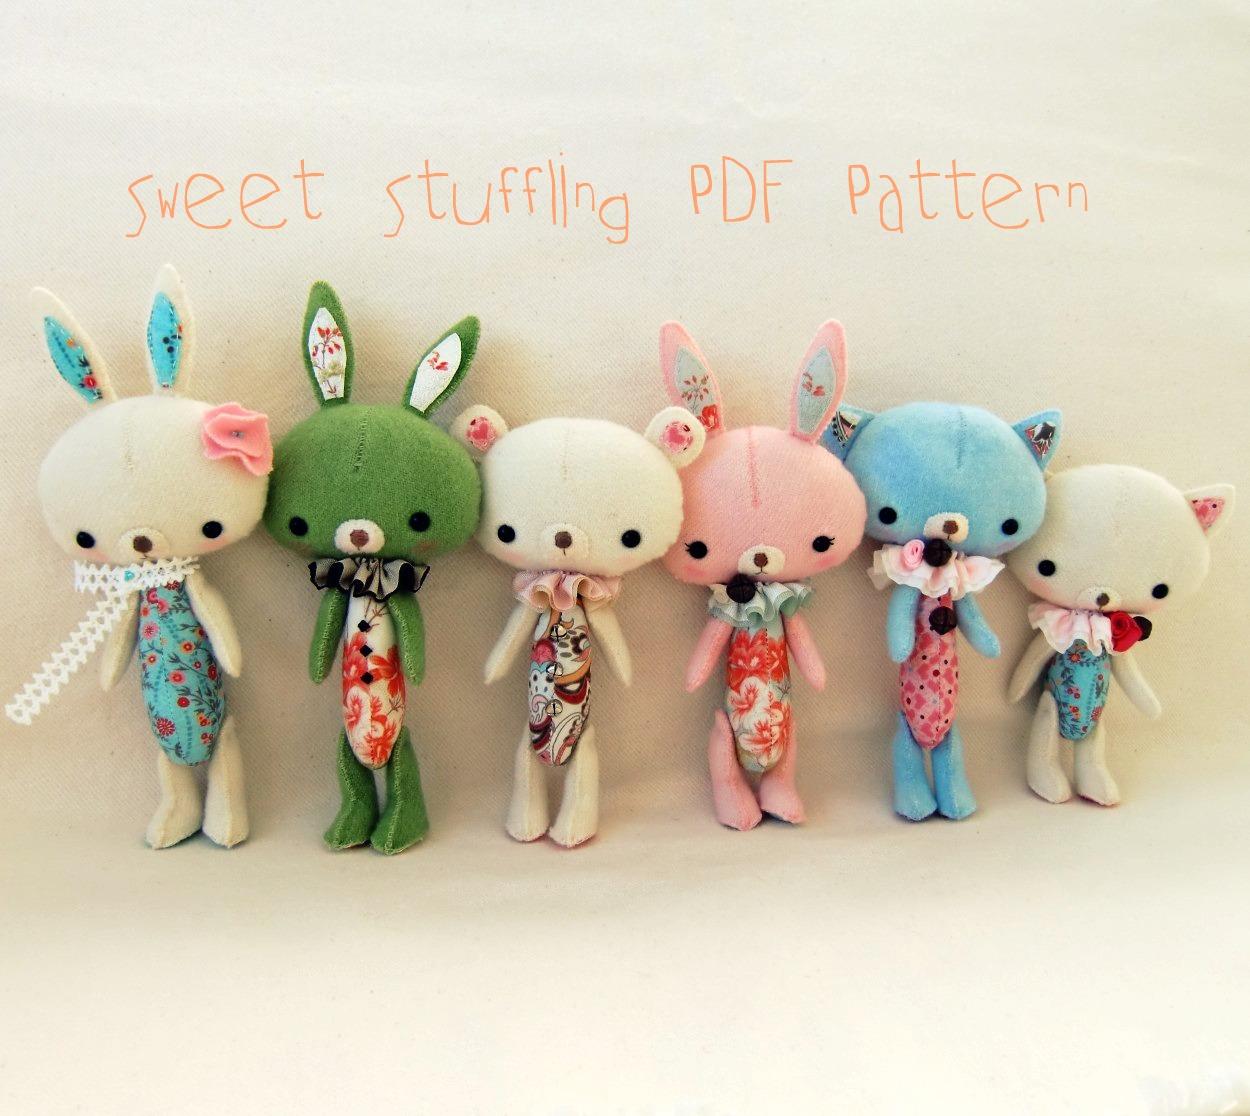 http://4.bp.blogspot.com/__YNS3c57ALw/TN-FaZwkJuI/AAAAAAAAAX8/-casCnDEmro/s1600/sweet+stuffling+pdf3.jpg